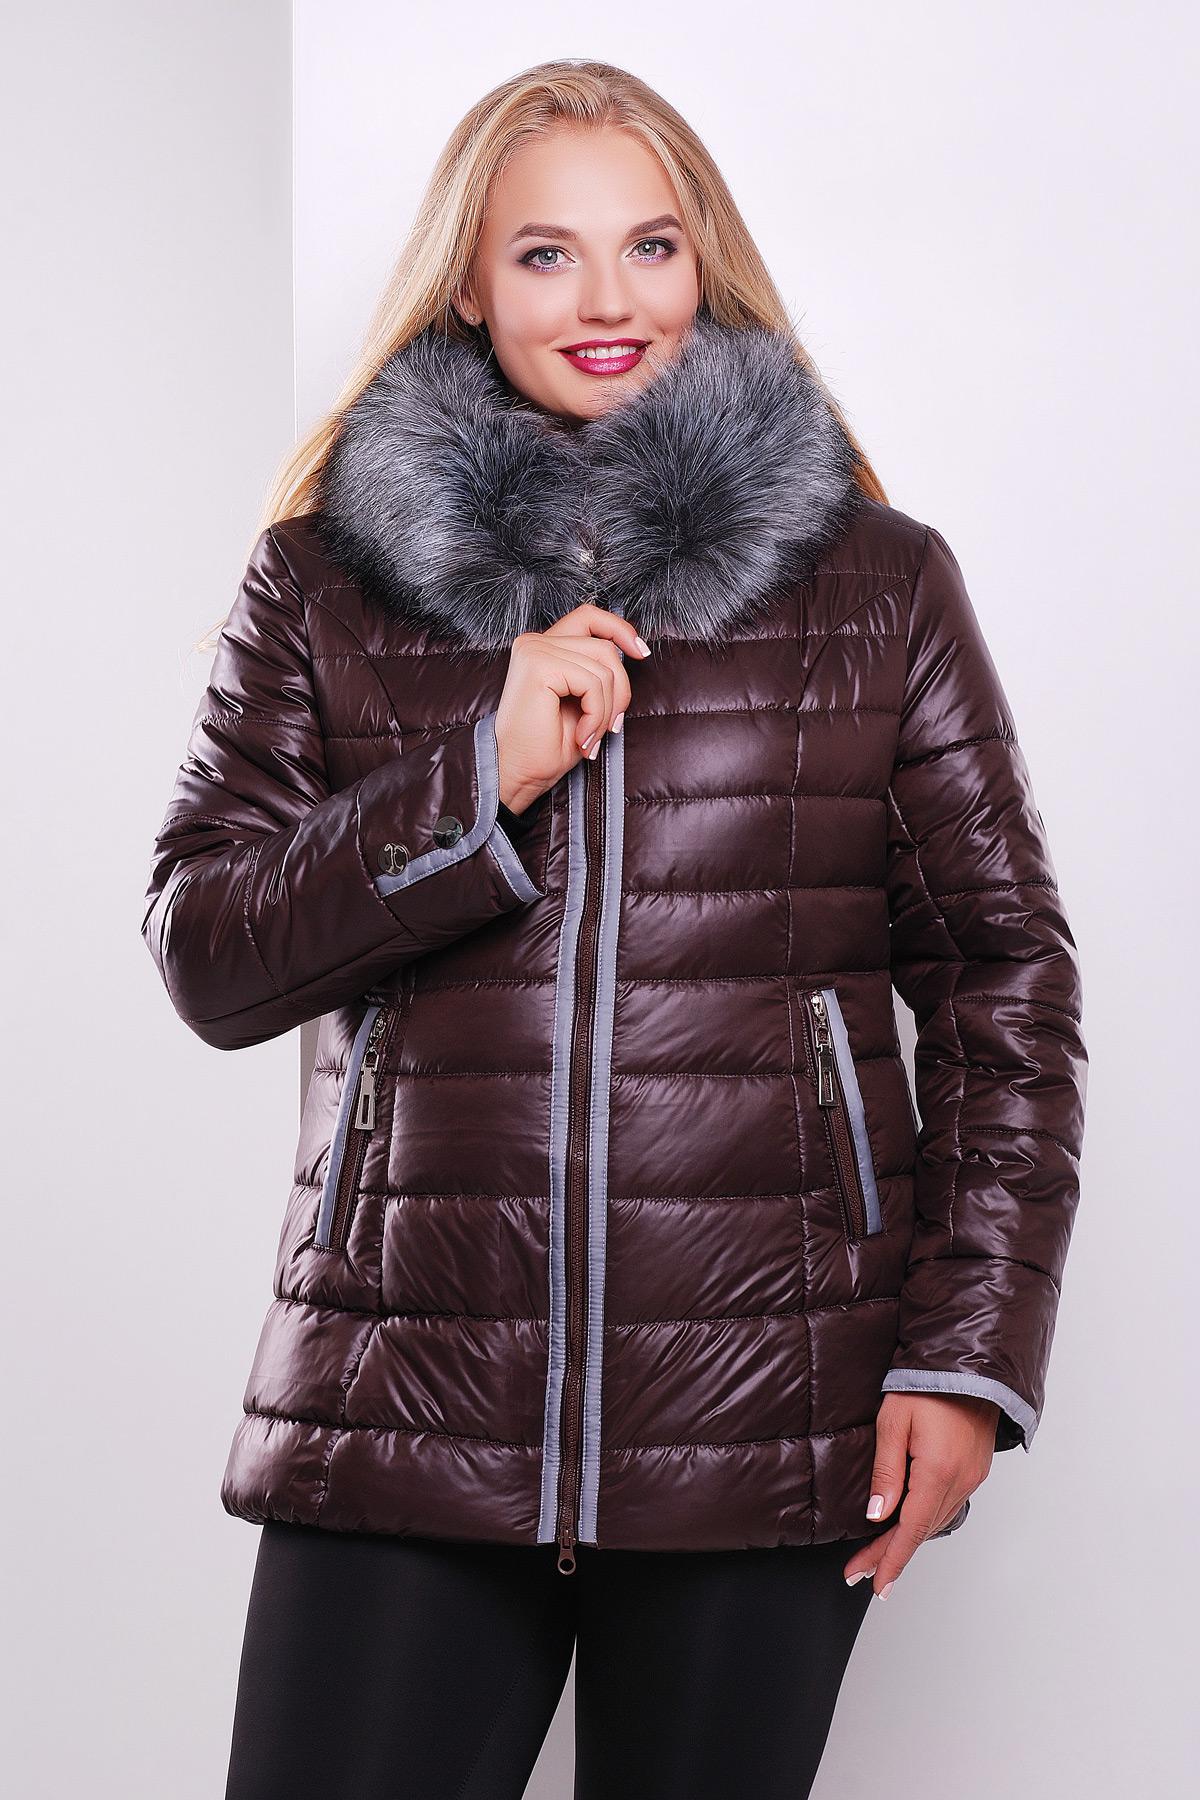 162eec4e20c Черная куртка с капюшоном на меху. куртка Glem-1. Цвет  коричневый